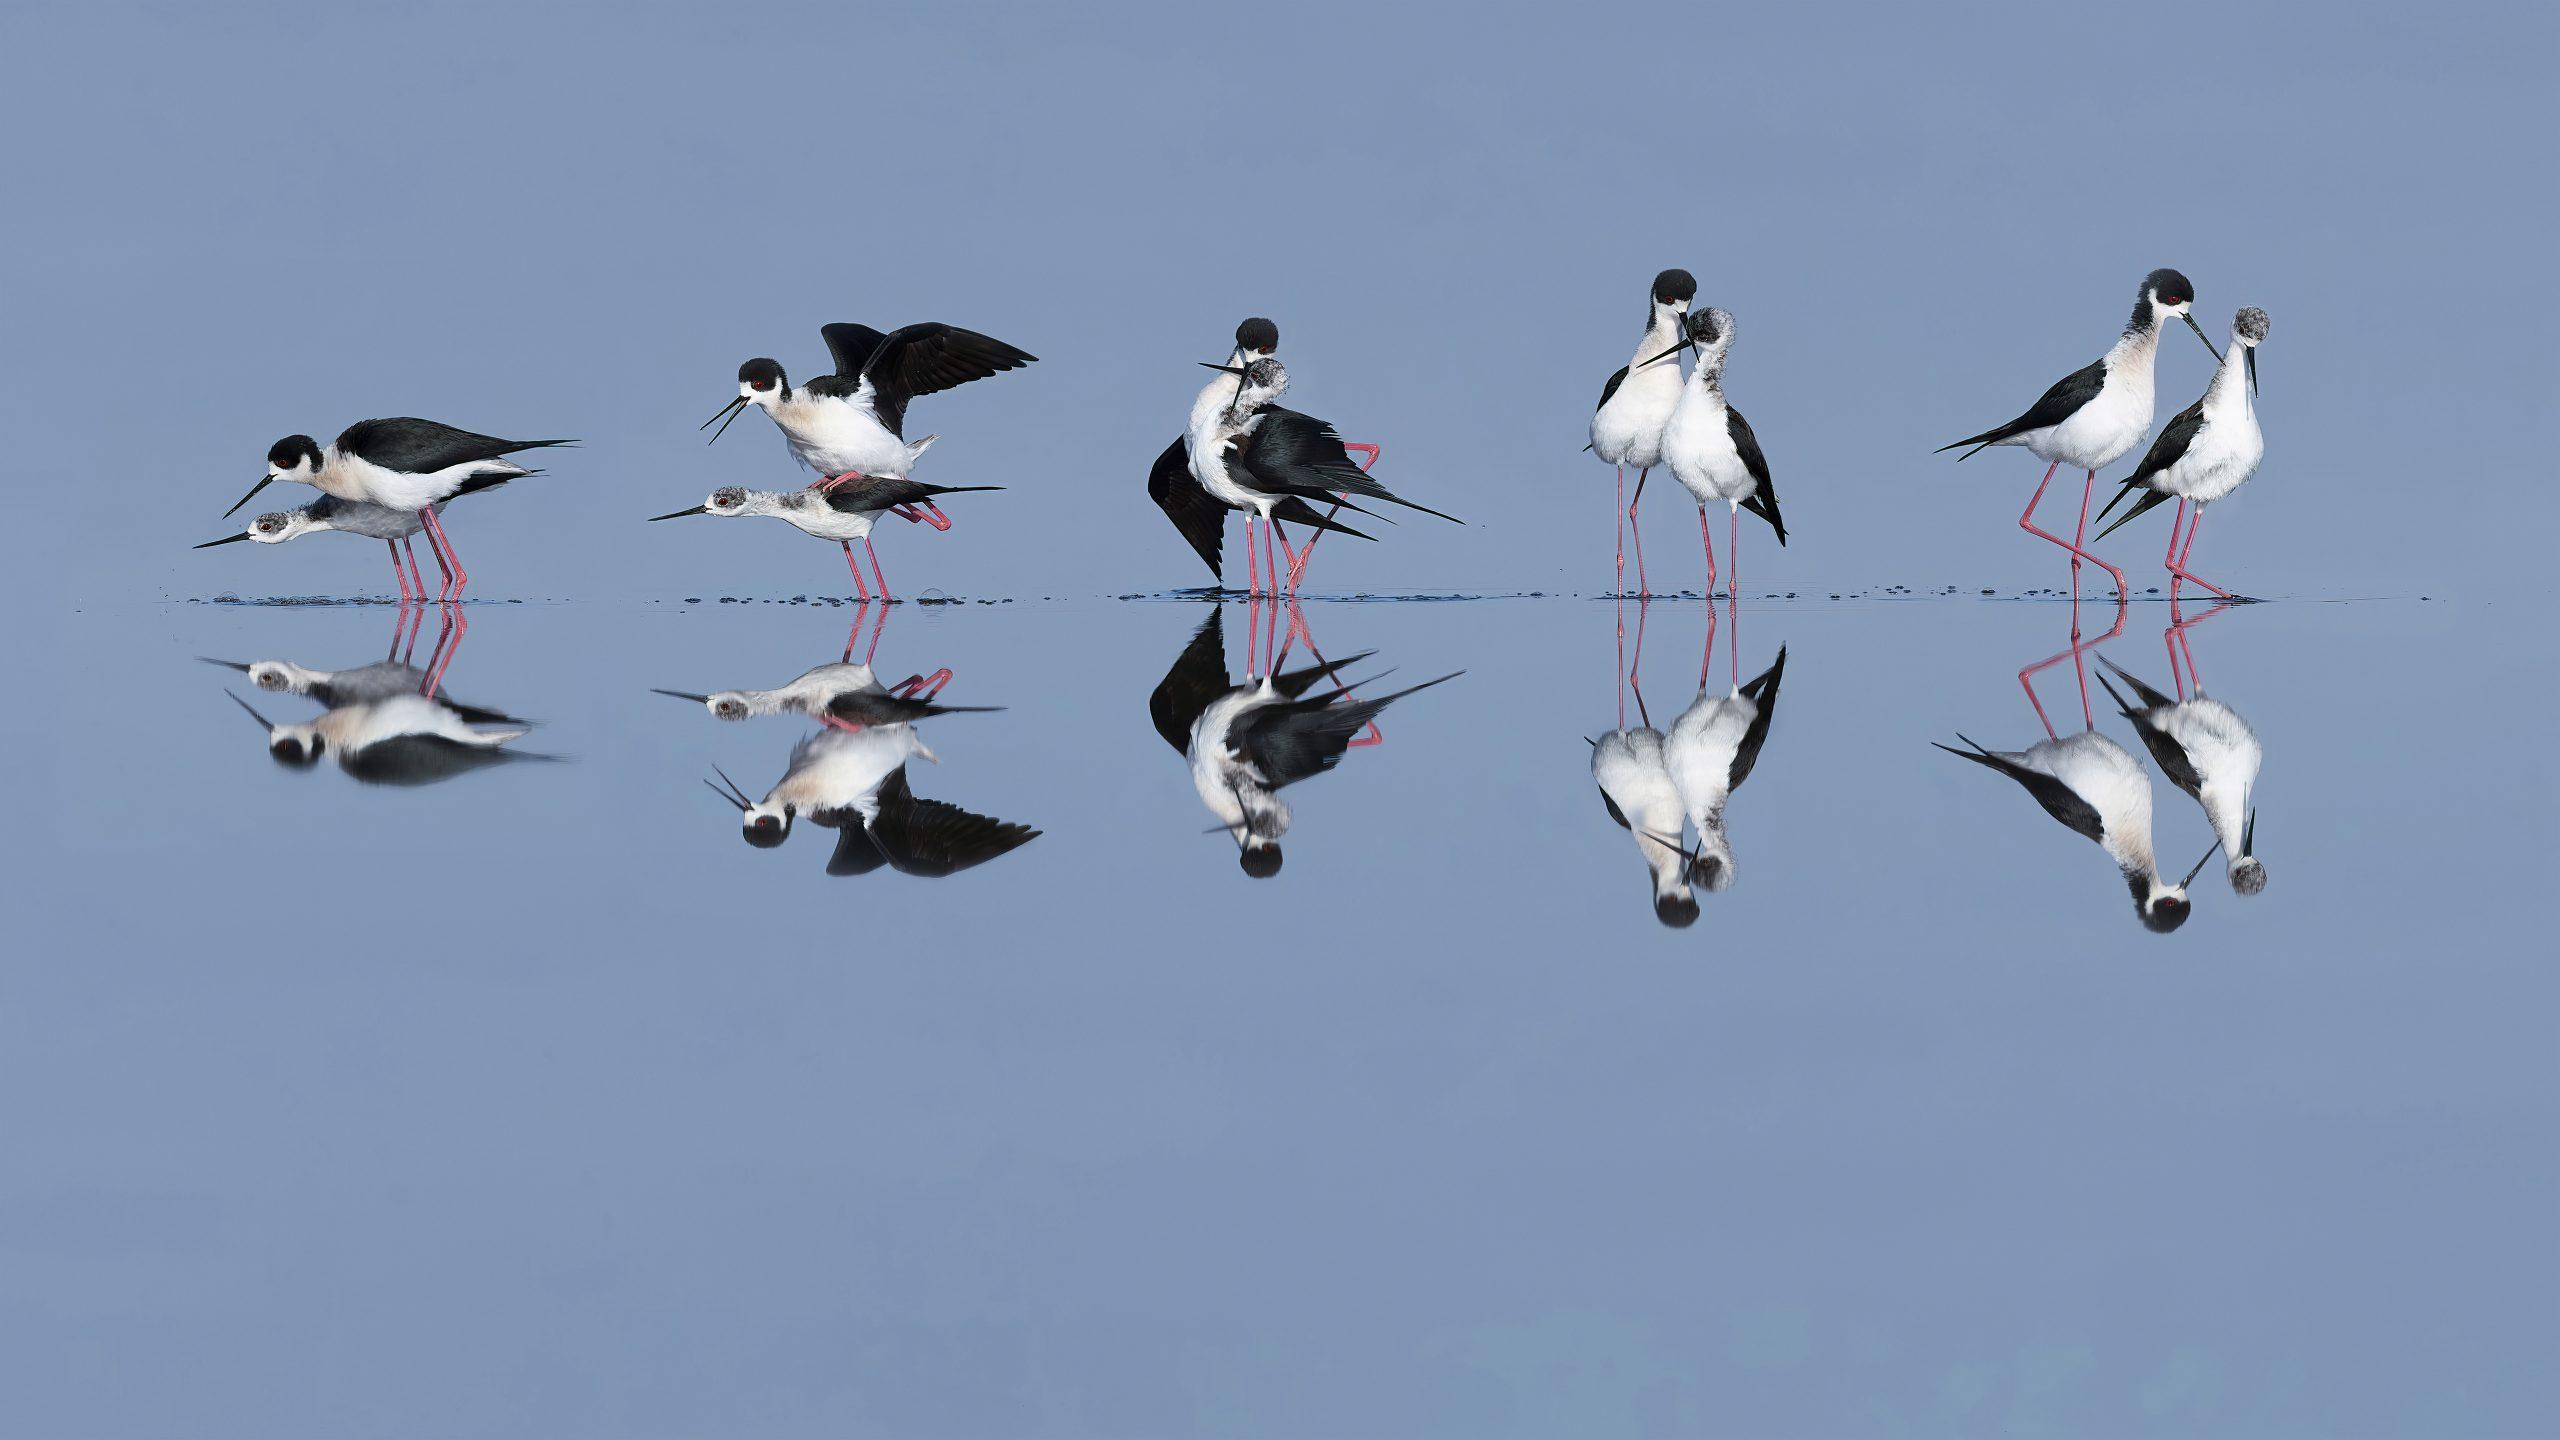 Gólyatöcs, Black-winged Stilt, Stelzenläufer, Himantopus himantopus